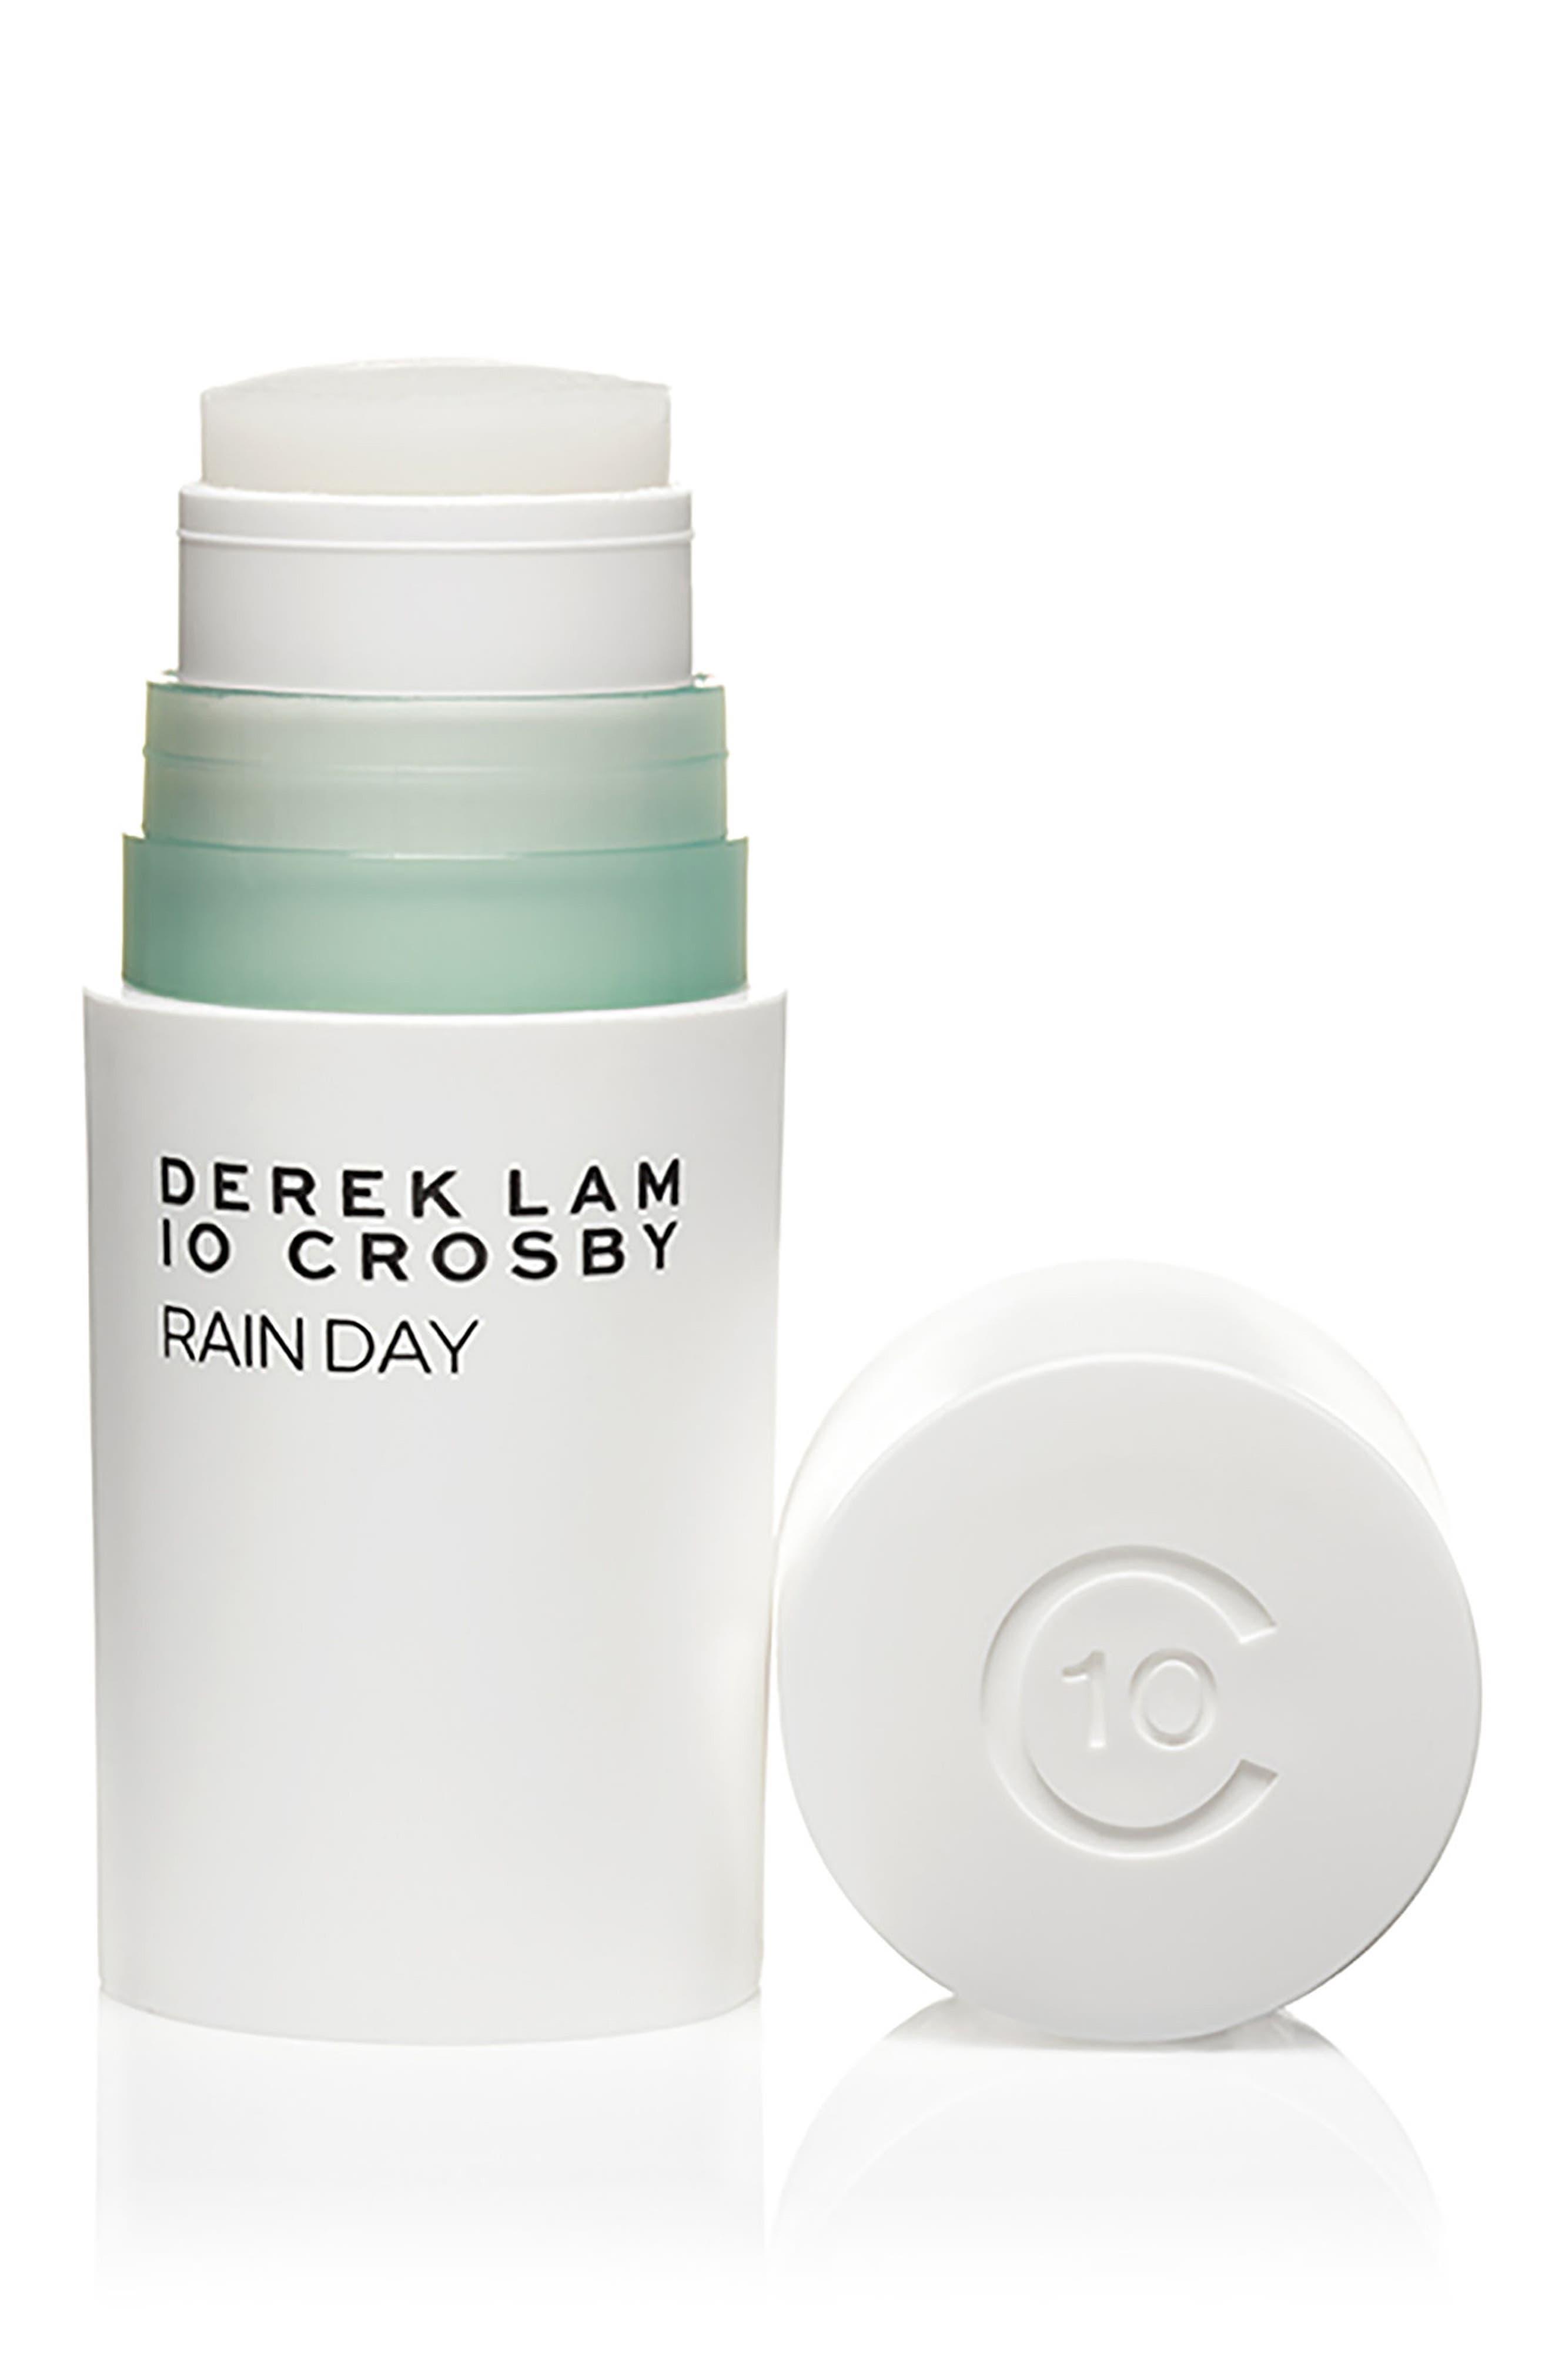 Derek Lam 10 Crosby Rain Day Parfum Stick (Nordstrom Exclusive)